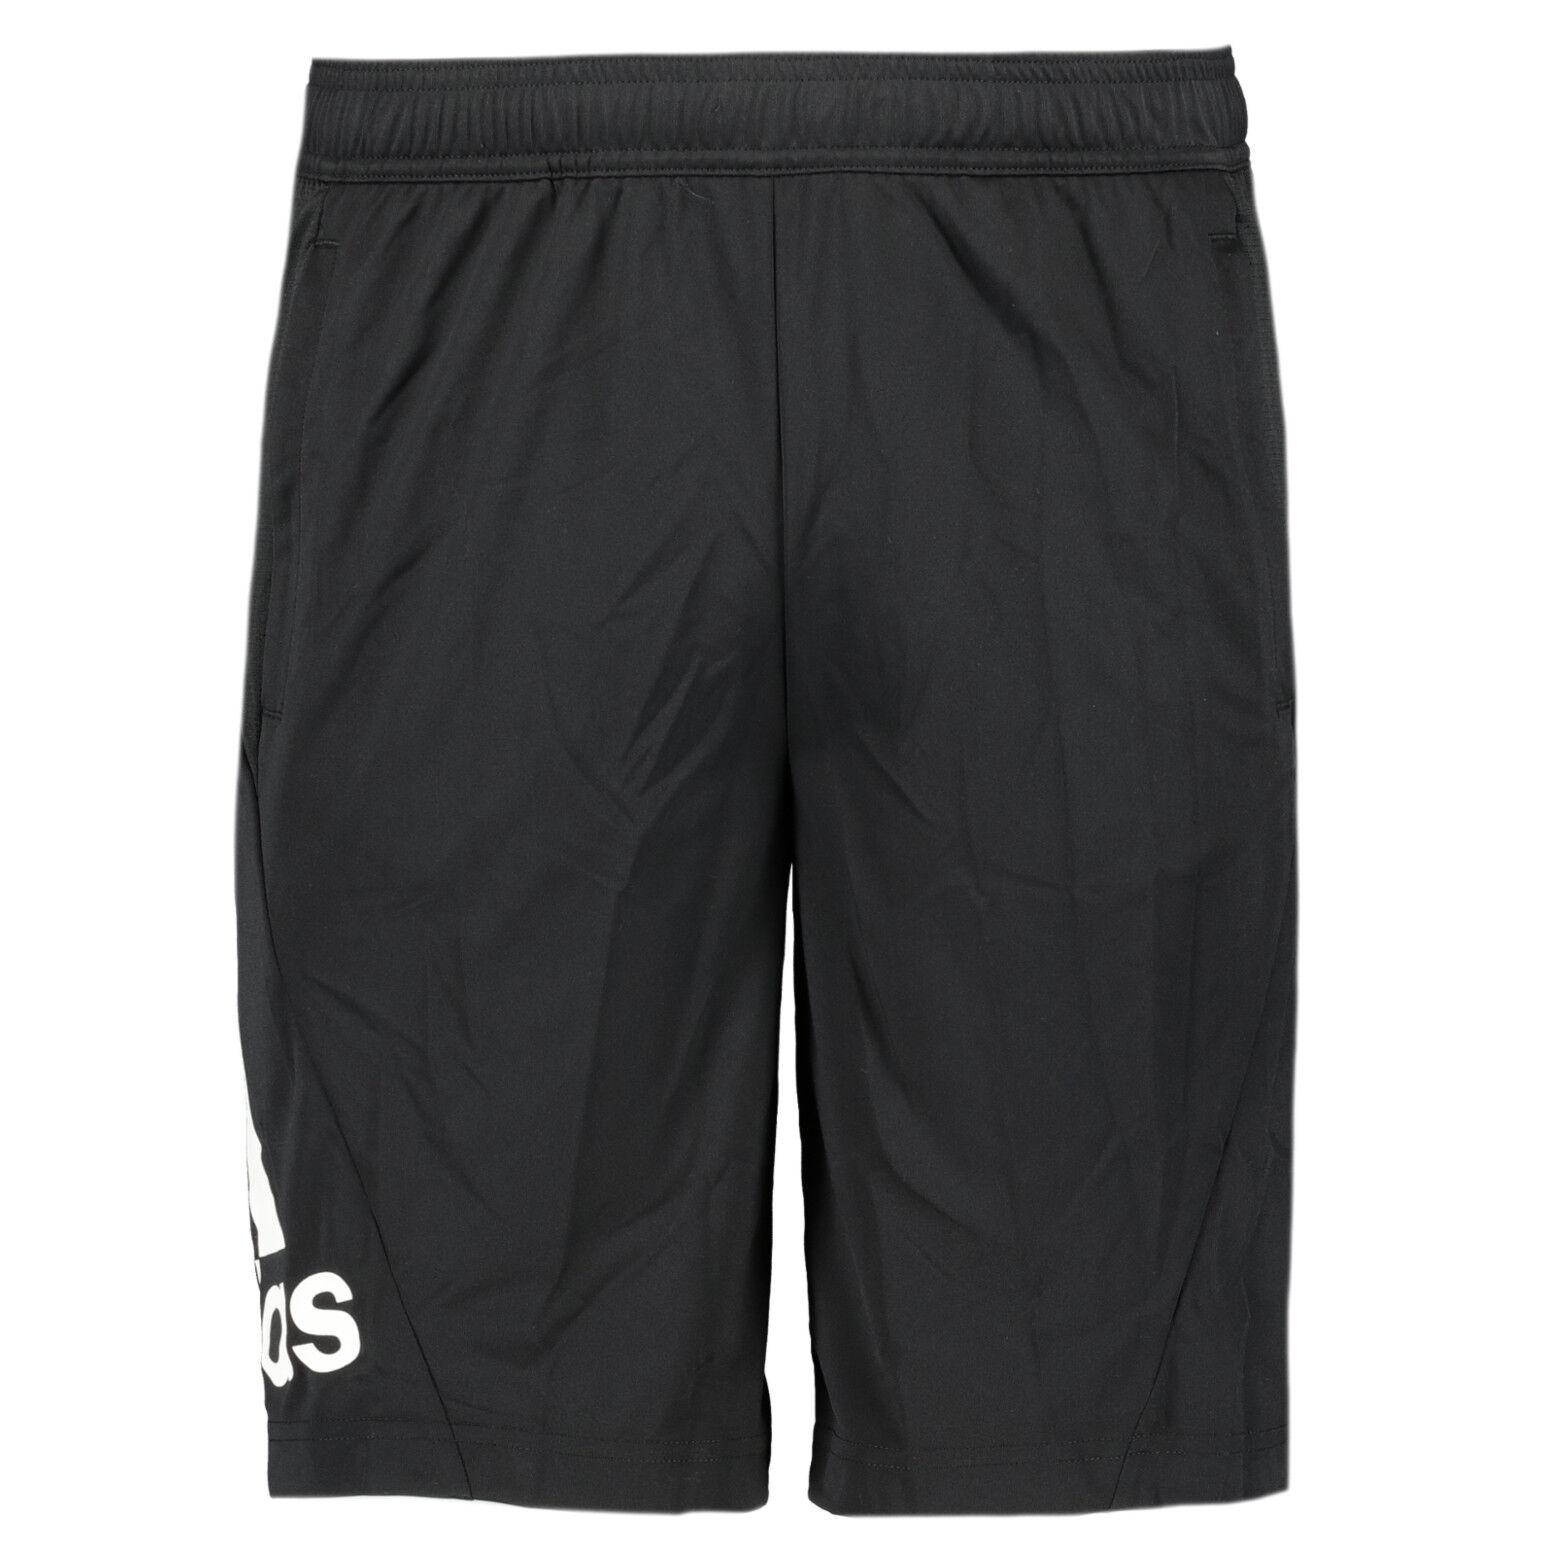 77ac106212ac9 Adidas Kurze Hose Jungen Vergleich Test +++ Adidas Kurze Hose Jungen ...